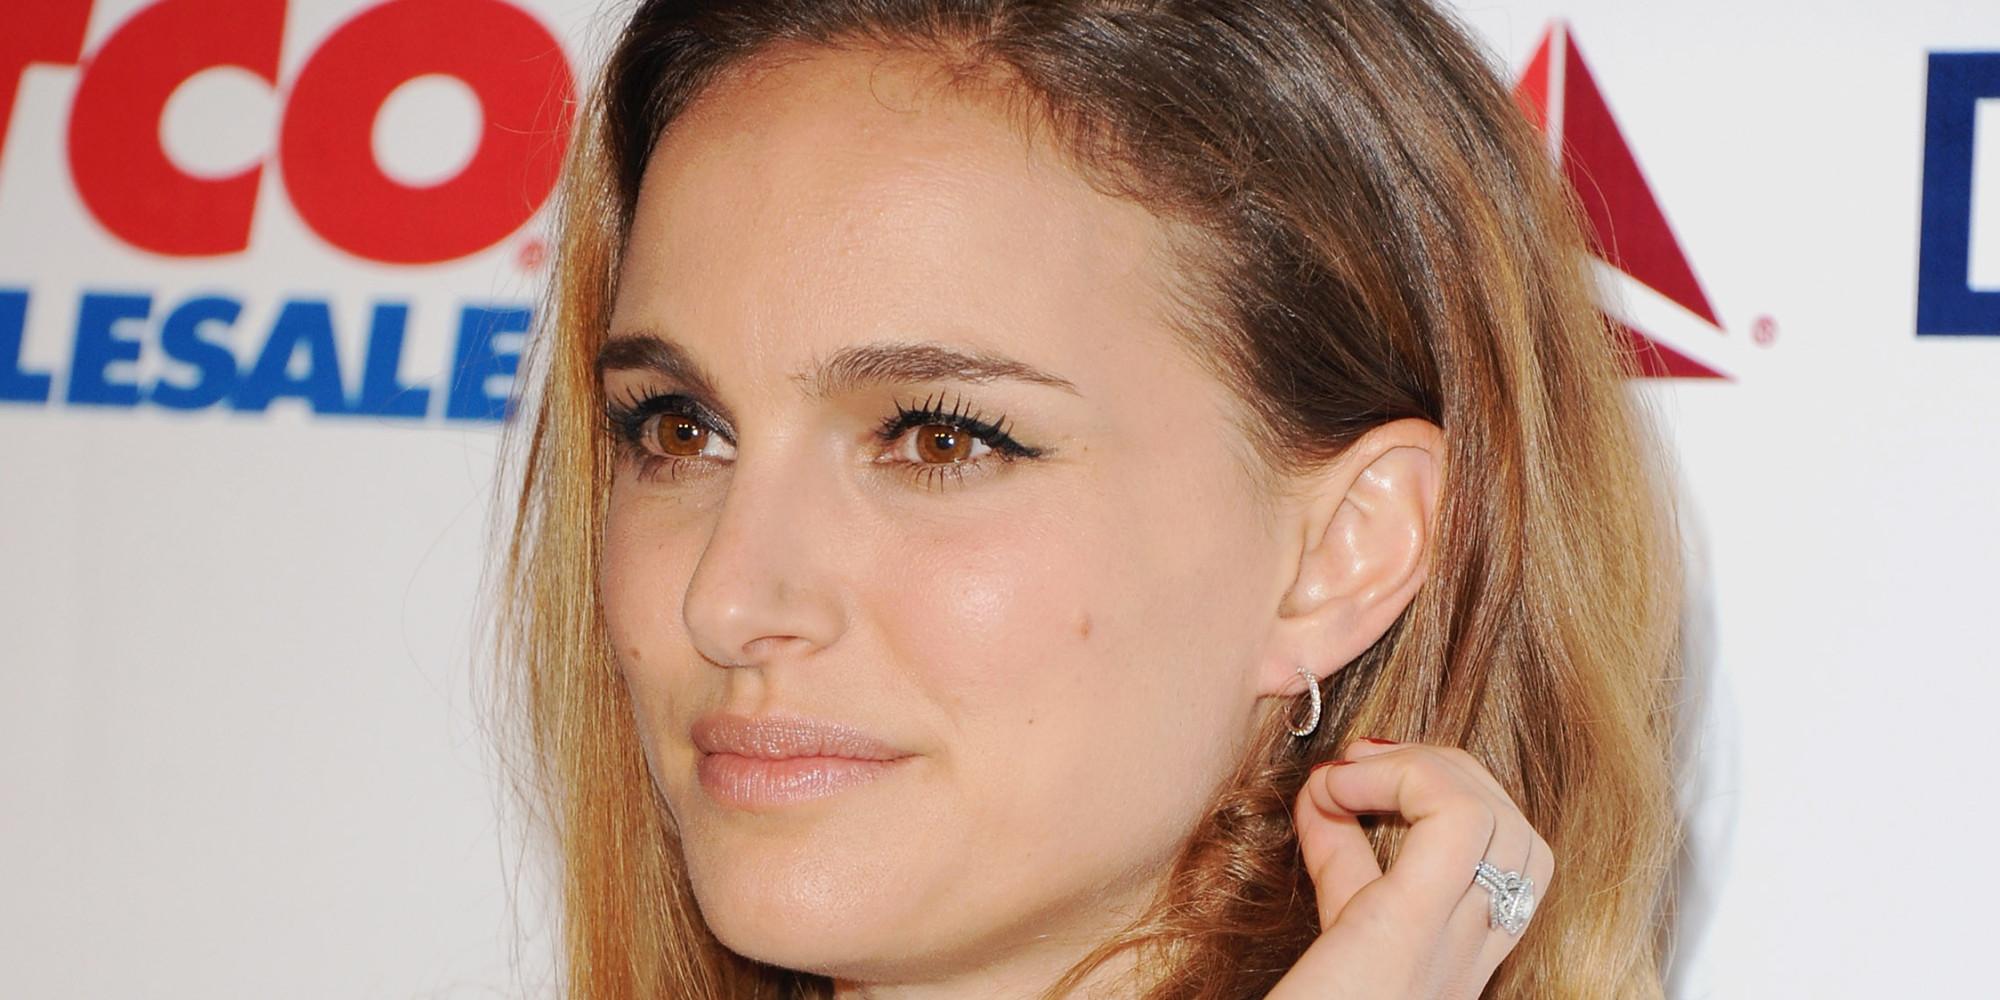 Leaked Celebrity Aliases Revealed - List of Celebrity Fake ...